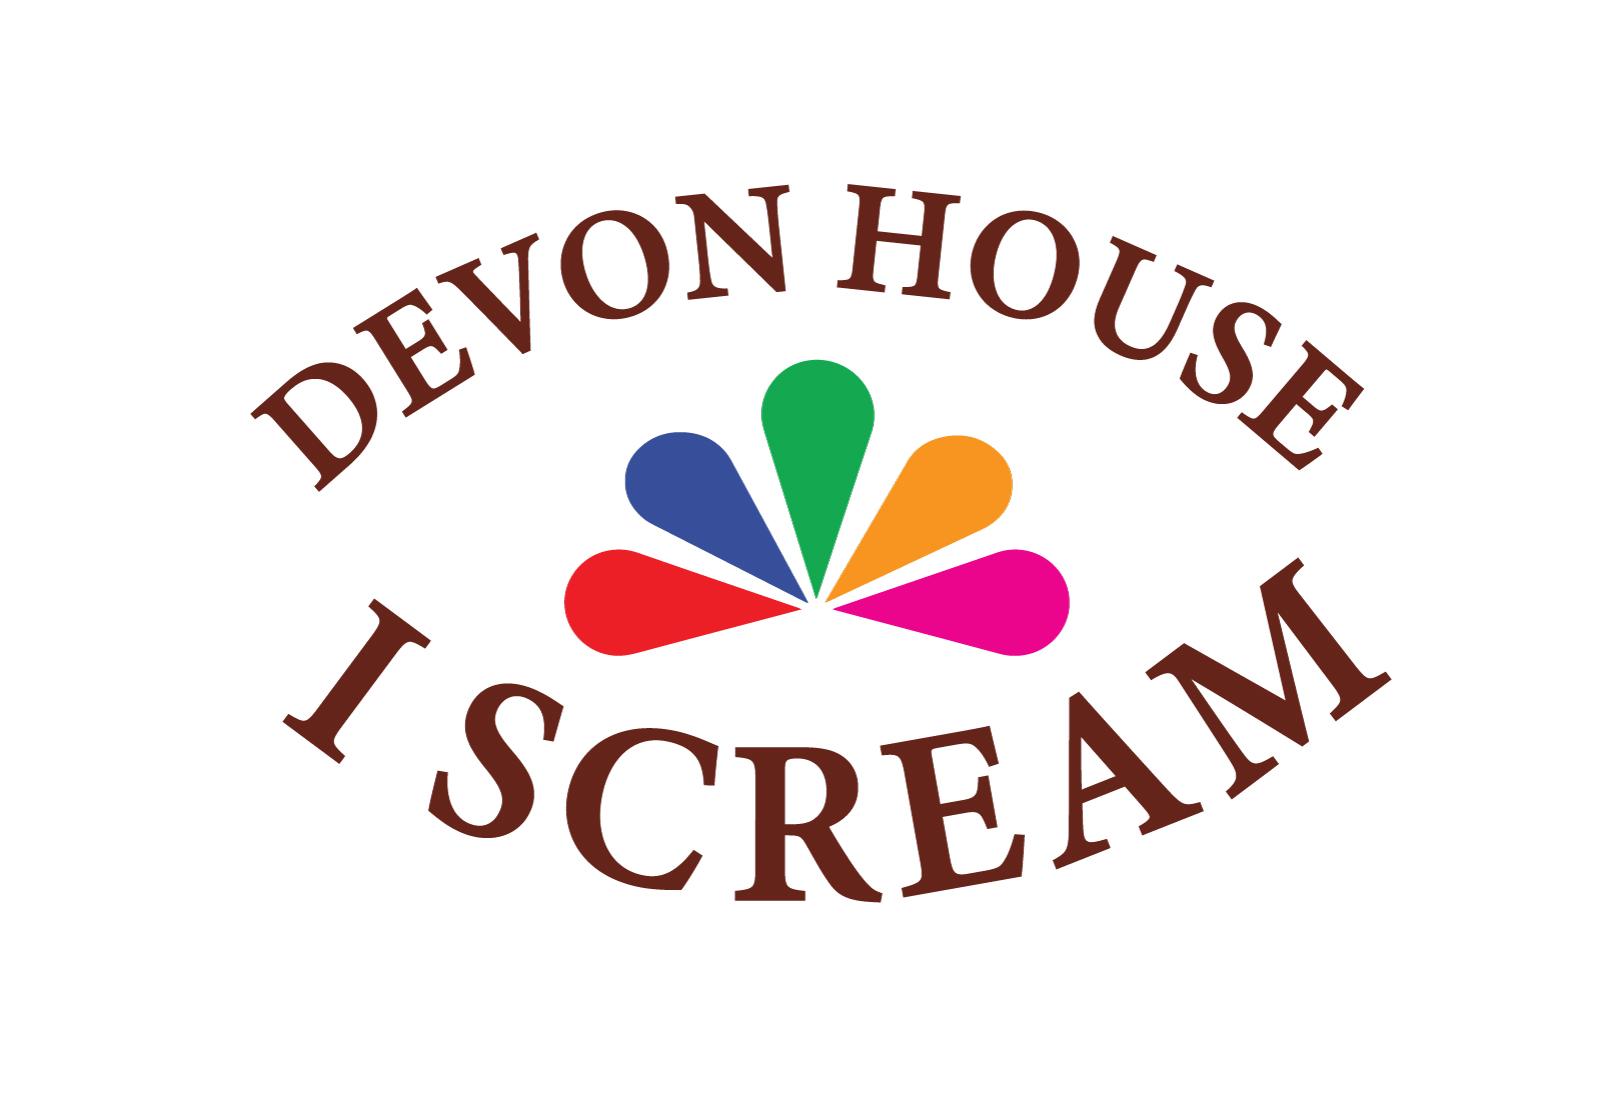 Devon House I Scream logo.